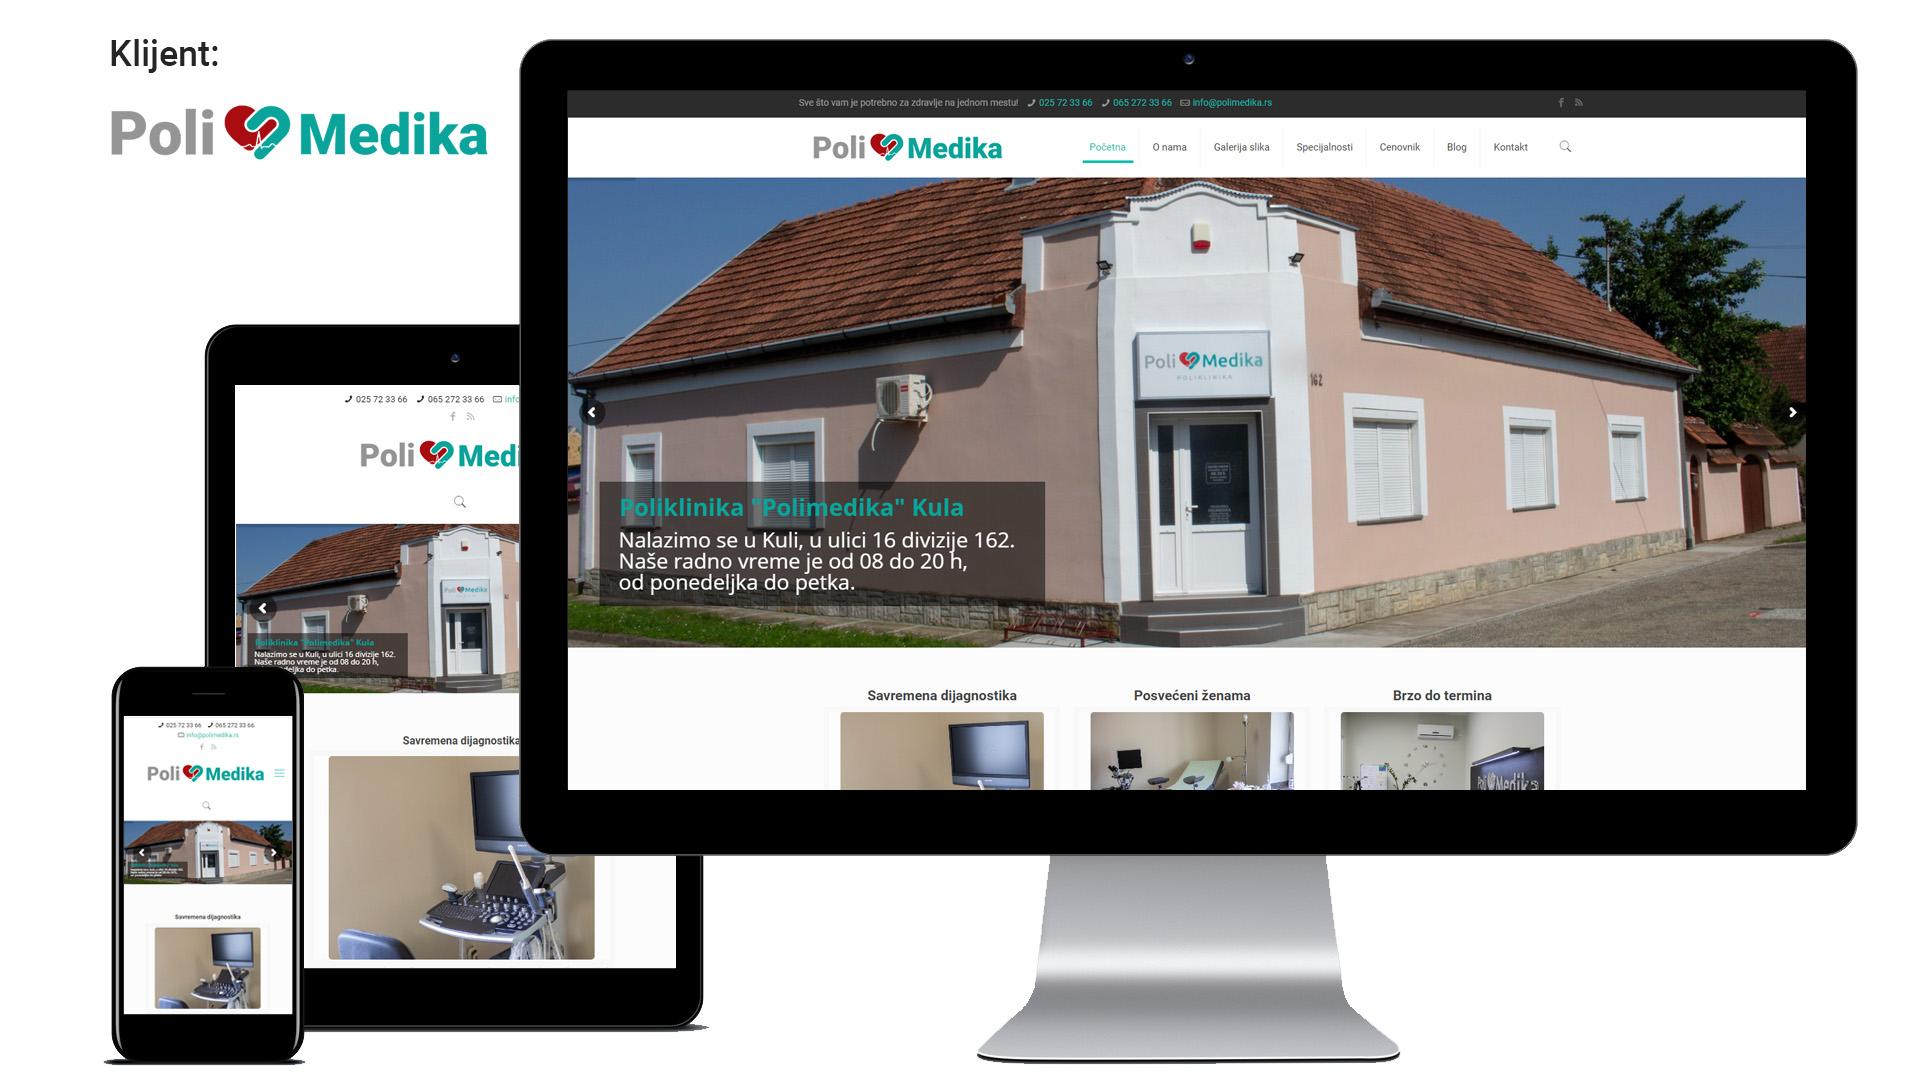 Polimedika - Izrada sajta za polikliniku